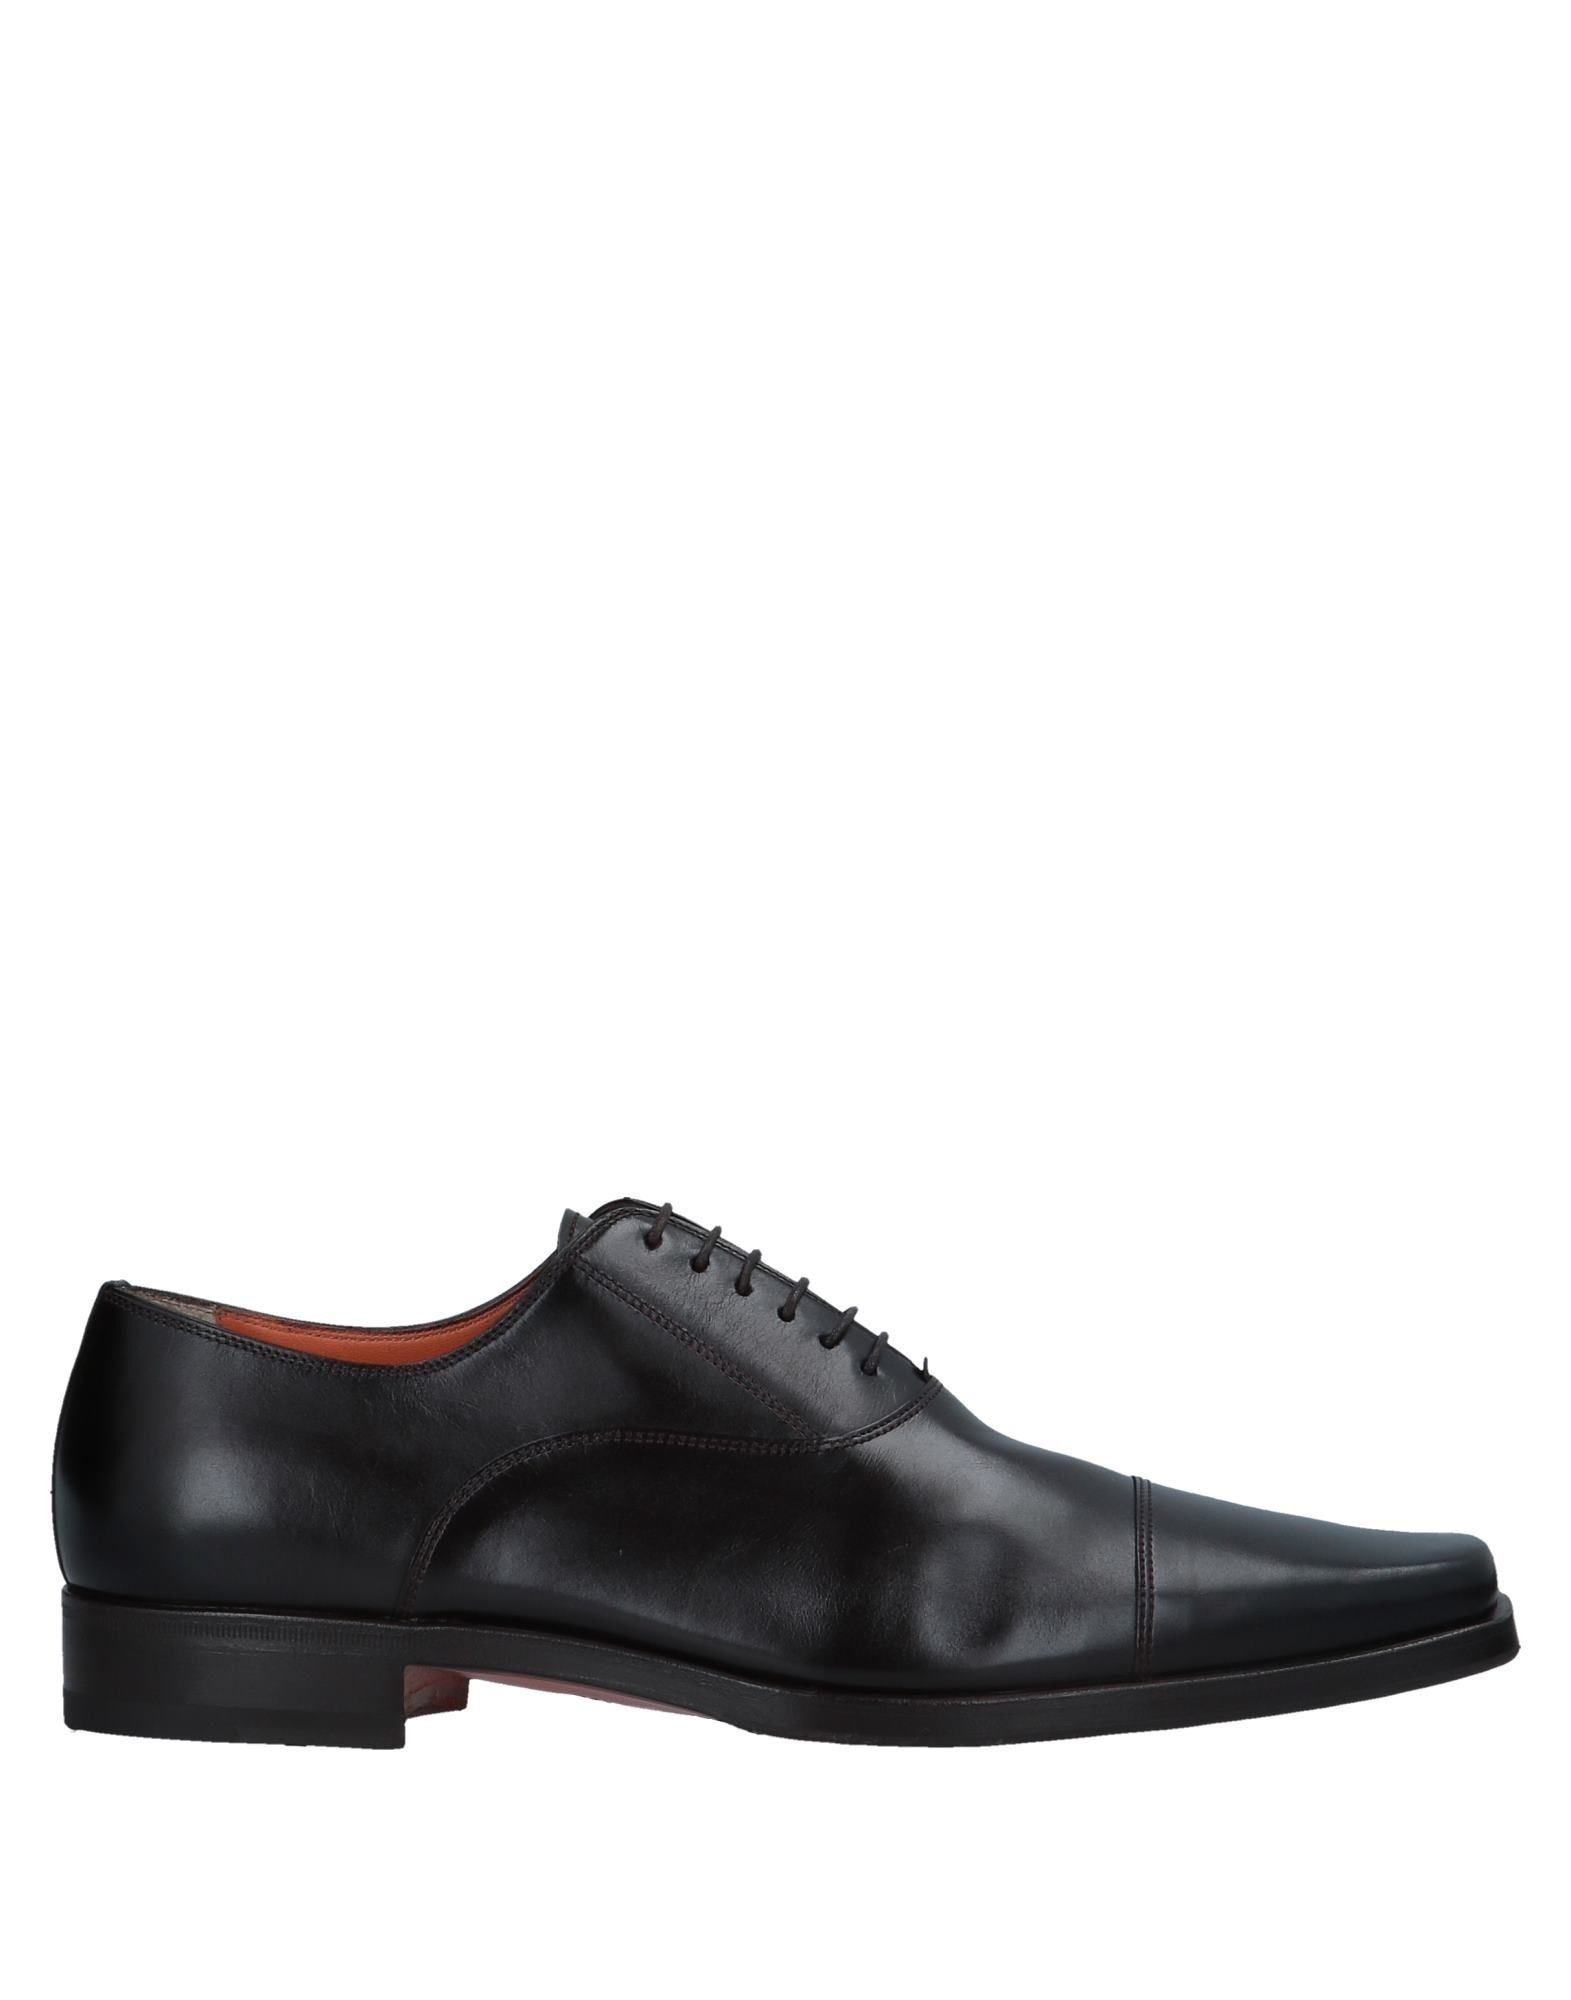 Santoni Schnürschuhe Herren  11541528LN Gute Qualität beliebte Schuhe